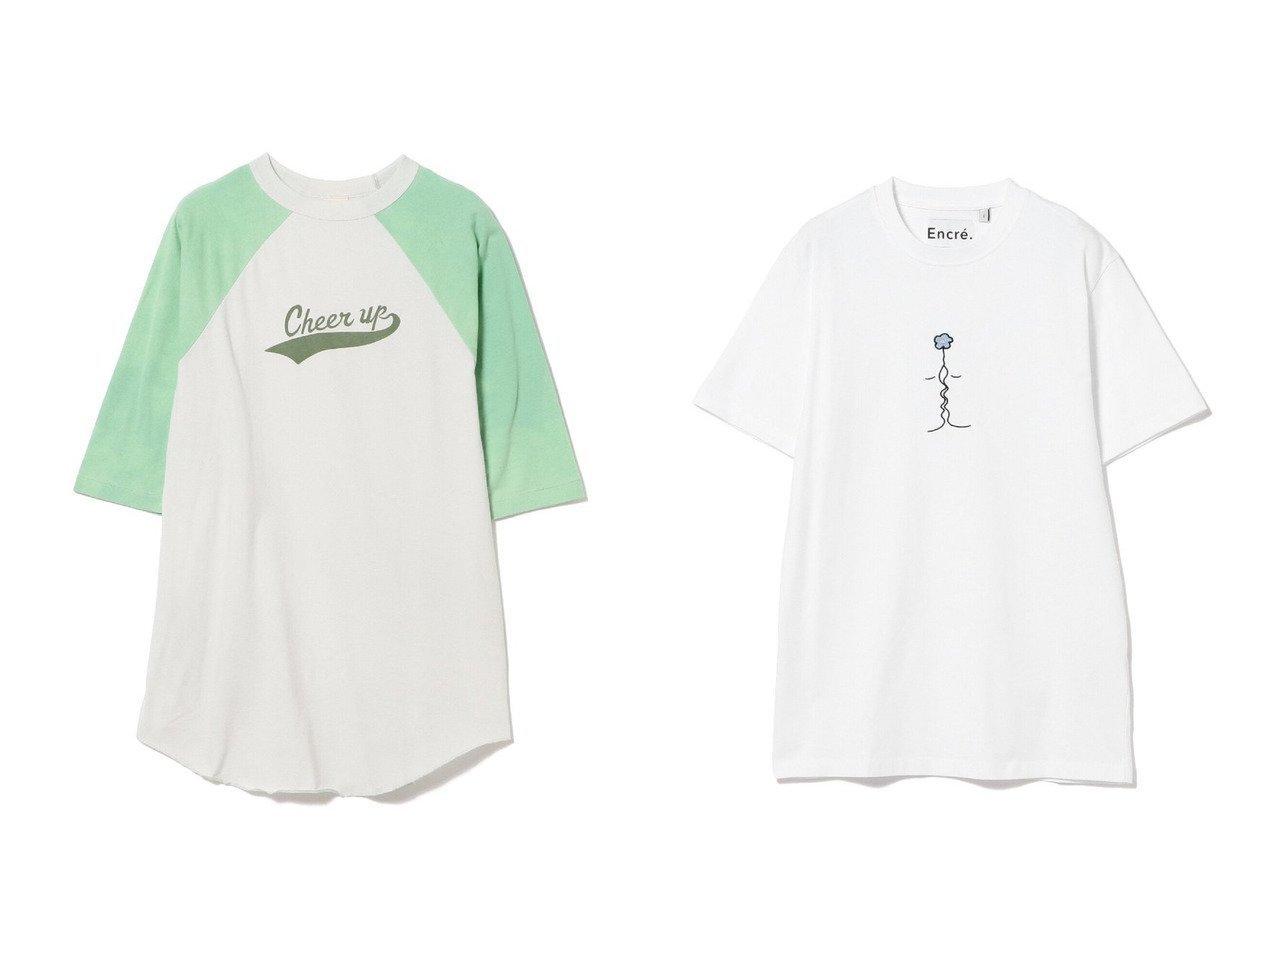 【Ray BEAMS/レイ ビームス】のEncre. 別注 Lunion Tシャツ&別注 チア- アップ Tシャツ 別注・限定・コラボなど、おすすめ!人気、トレンド・レディースファッションの通販 おすすめで人気の流行・トレンド、ファッションの通販商品 インテリア・家具・メンズファッション・キッズファッション・レディースファッション・服の通販 founy(ファニー) https://founy.com/ ファッション Fashion レディースファッション WOMEN トップス・カットソー Tops/Tshirt シャツ/ブラウス Shirts/Blouses ロング / Tシャツ T-Shirts カットソー Cut and Sewn NEW・新作・新着・新入荷 New Arrivals ウォッシュ カットソー チュニック ユーズド ワーク 別注  ID:crp329100000060983